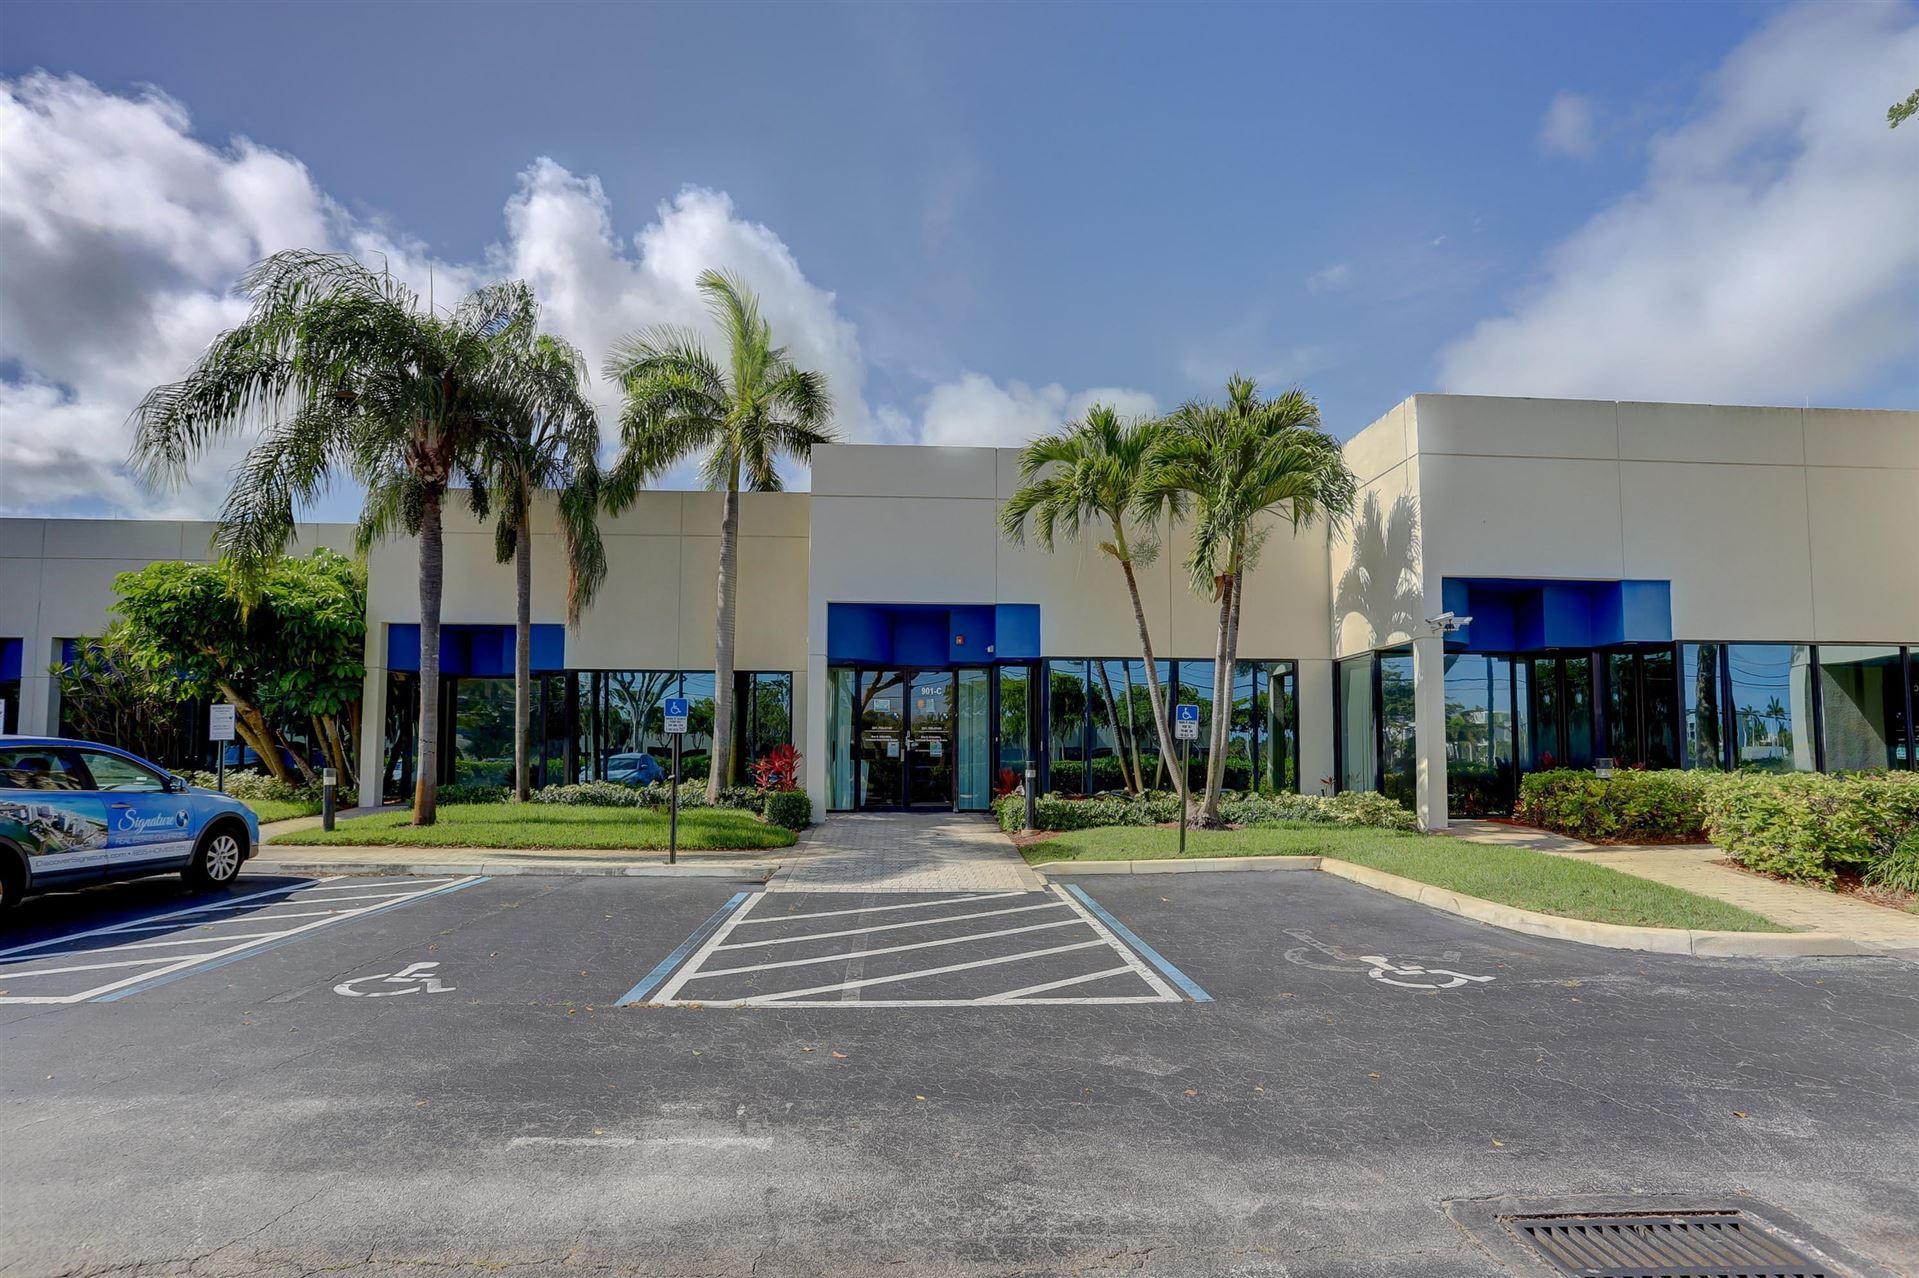 Photo of 901 Clint Moore Road #C, Boca Raton, FL 33487 (MLS # RX-10629081)